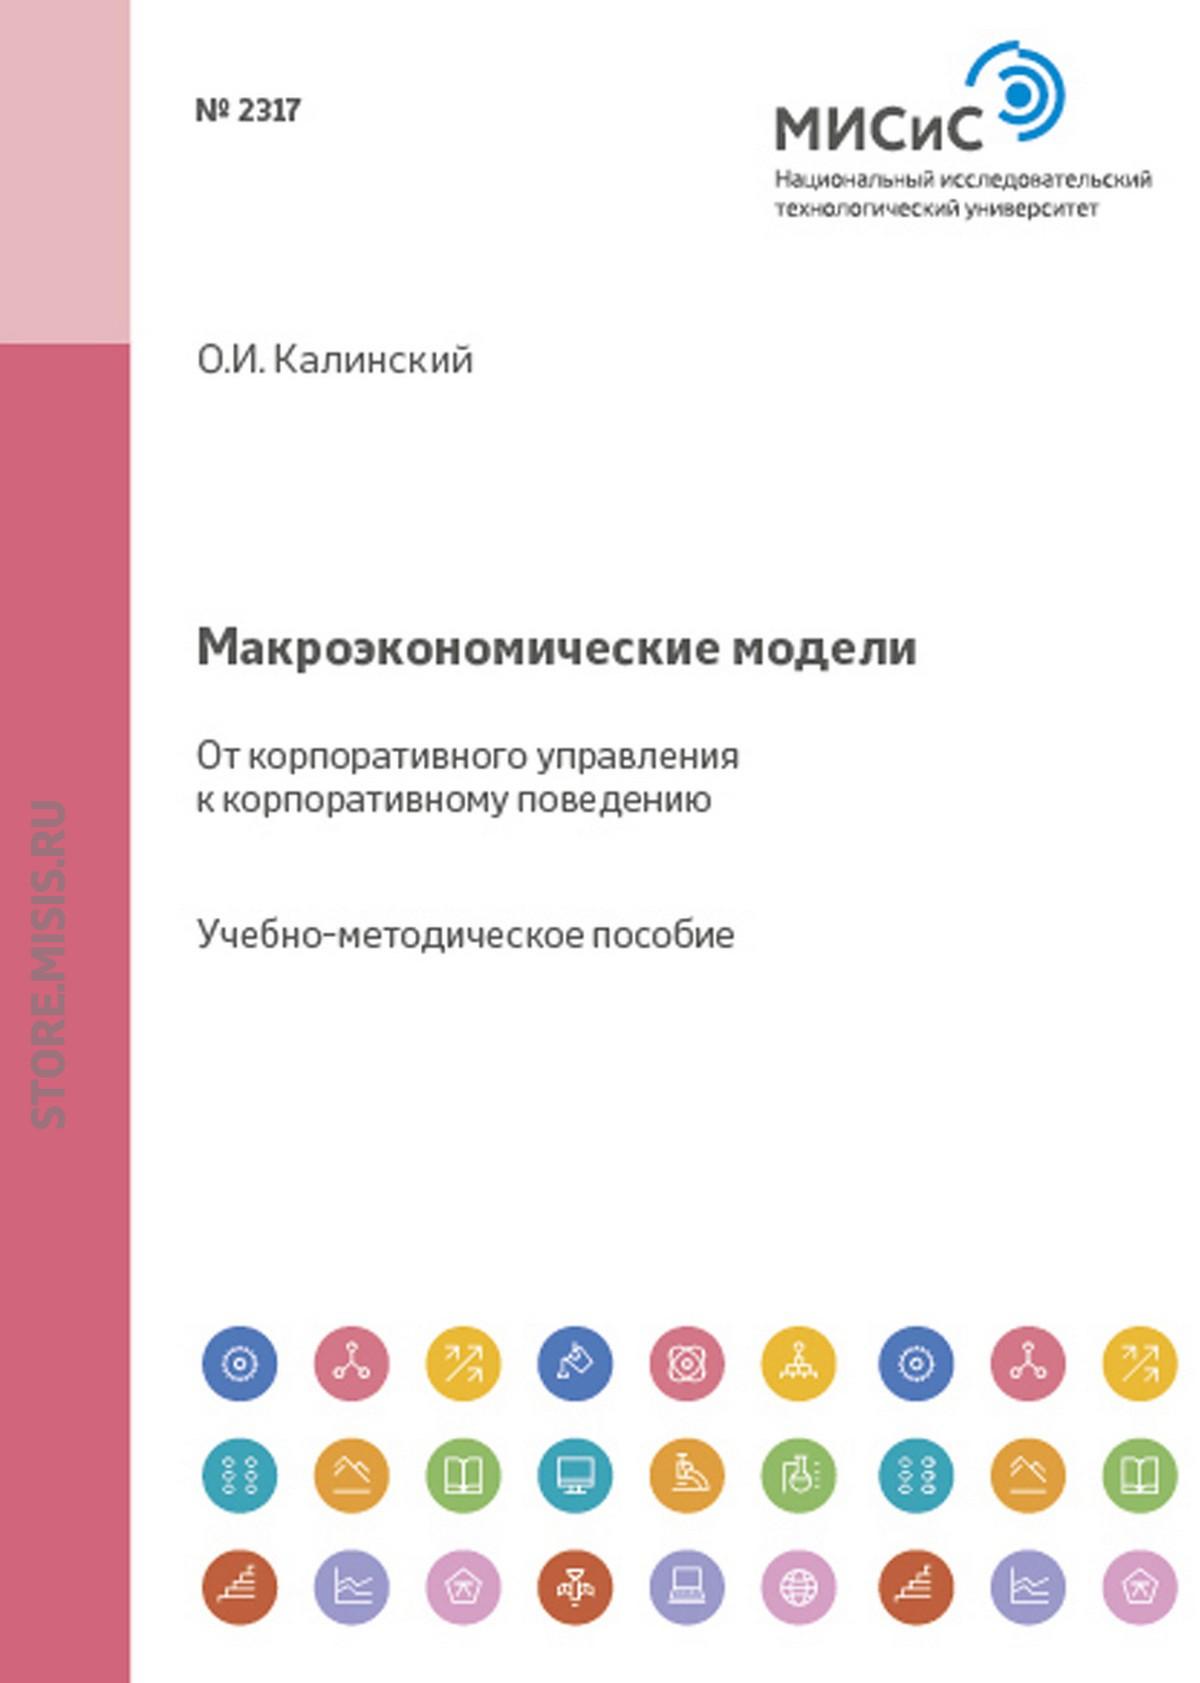 О. И. Калинский Макроэкономические модели. От корпоративного управления к корпоративному поведению защита чести достоинства и деловой репутации